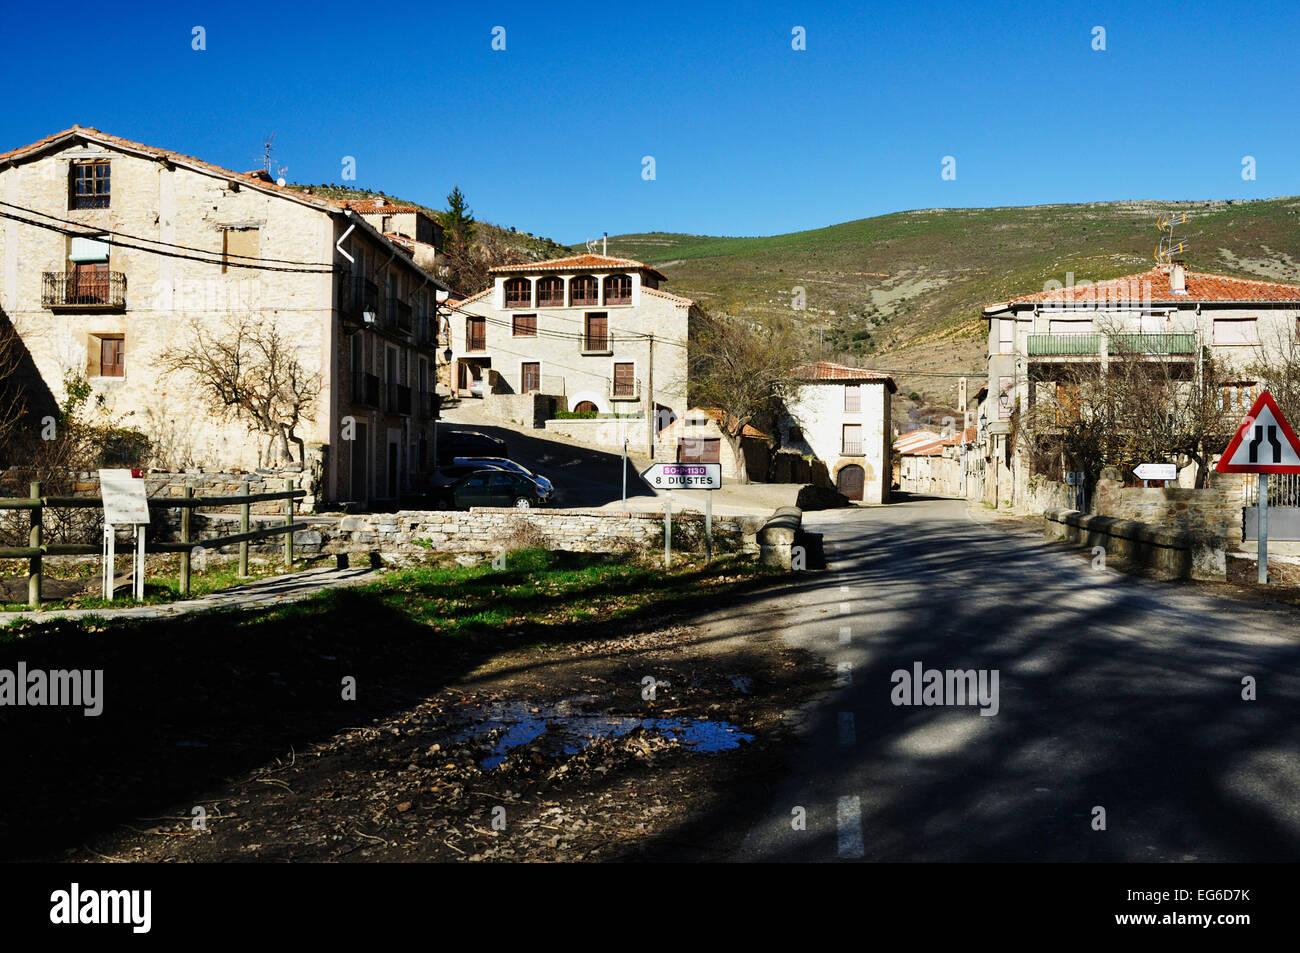 Yanguas small town of Soria. Castilla y León, Spain - Stock Image